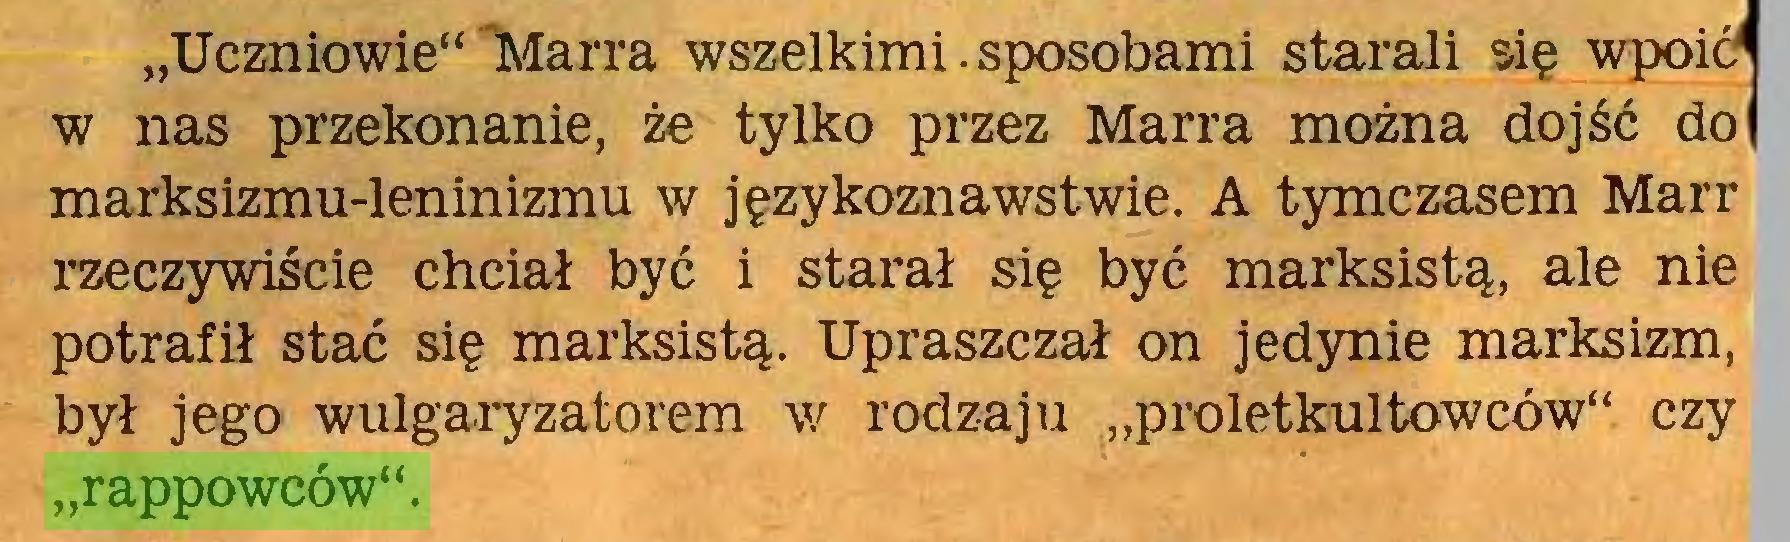 """(...) """"Uczniowie""""'Marra wszelkimi.sposobami starali się wpoić* w nas przekonanie, że tylko przez Marra można dojść do marksizmu-leninizmu w językoznawstwie. A tymczasem Marr rzeczywiście chciał być i starał się być marksistą, ale nie potrafił stać się marksistą. Upraszczał on jedynie marksizm, był jego wulgaryzatorem w rodzaju """"proletkultowców"""" czy """"rappowców""""..."""